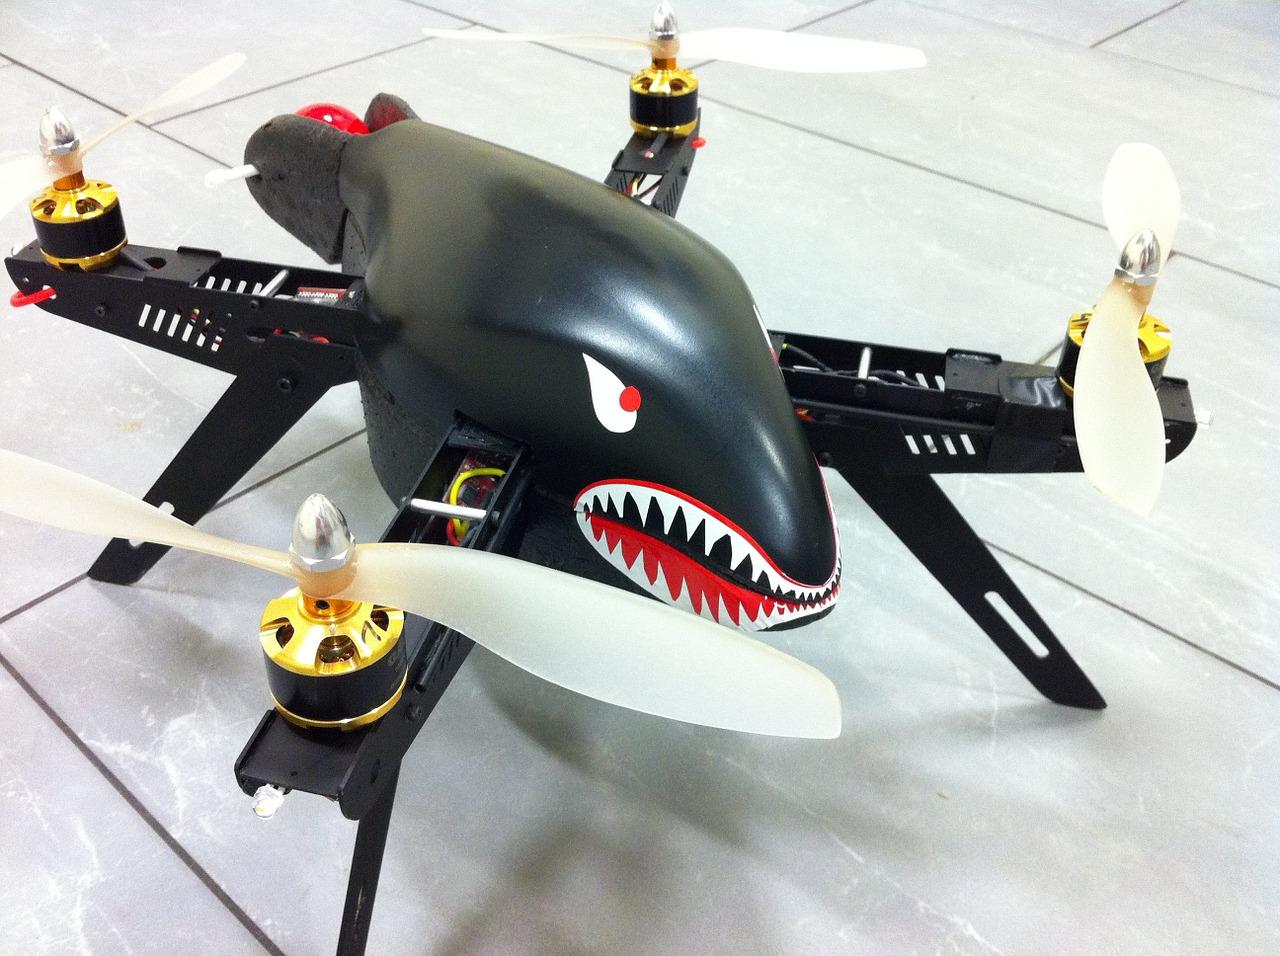 A partir de quel âge a-t-on le droit d'utiliser un drone ?